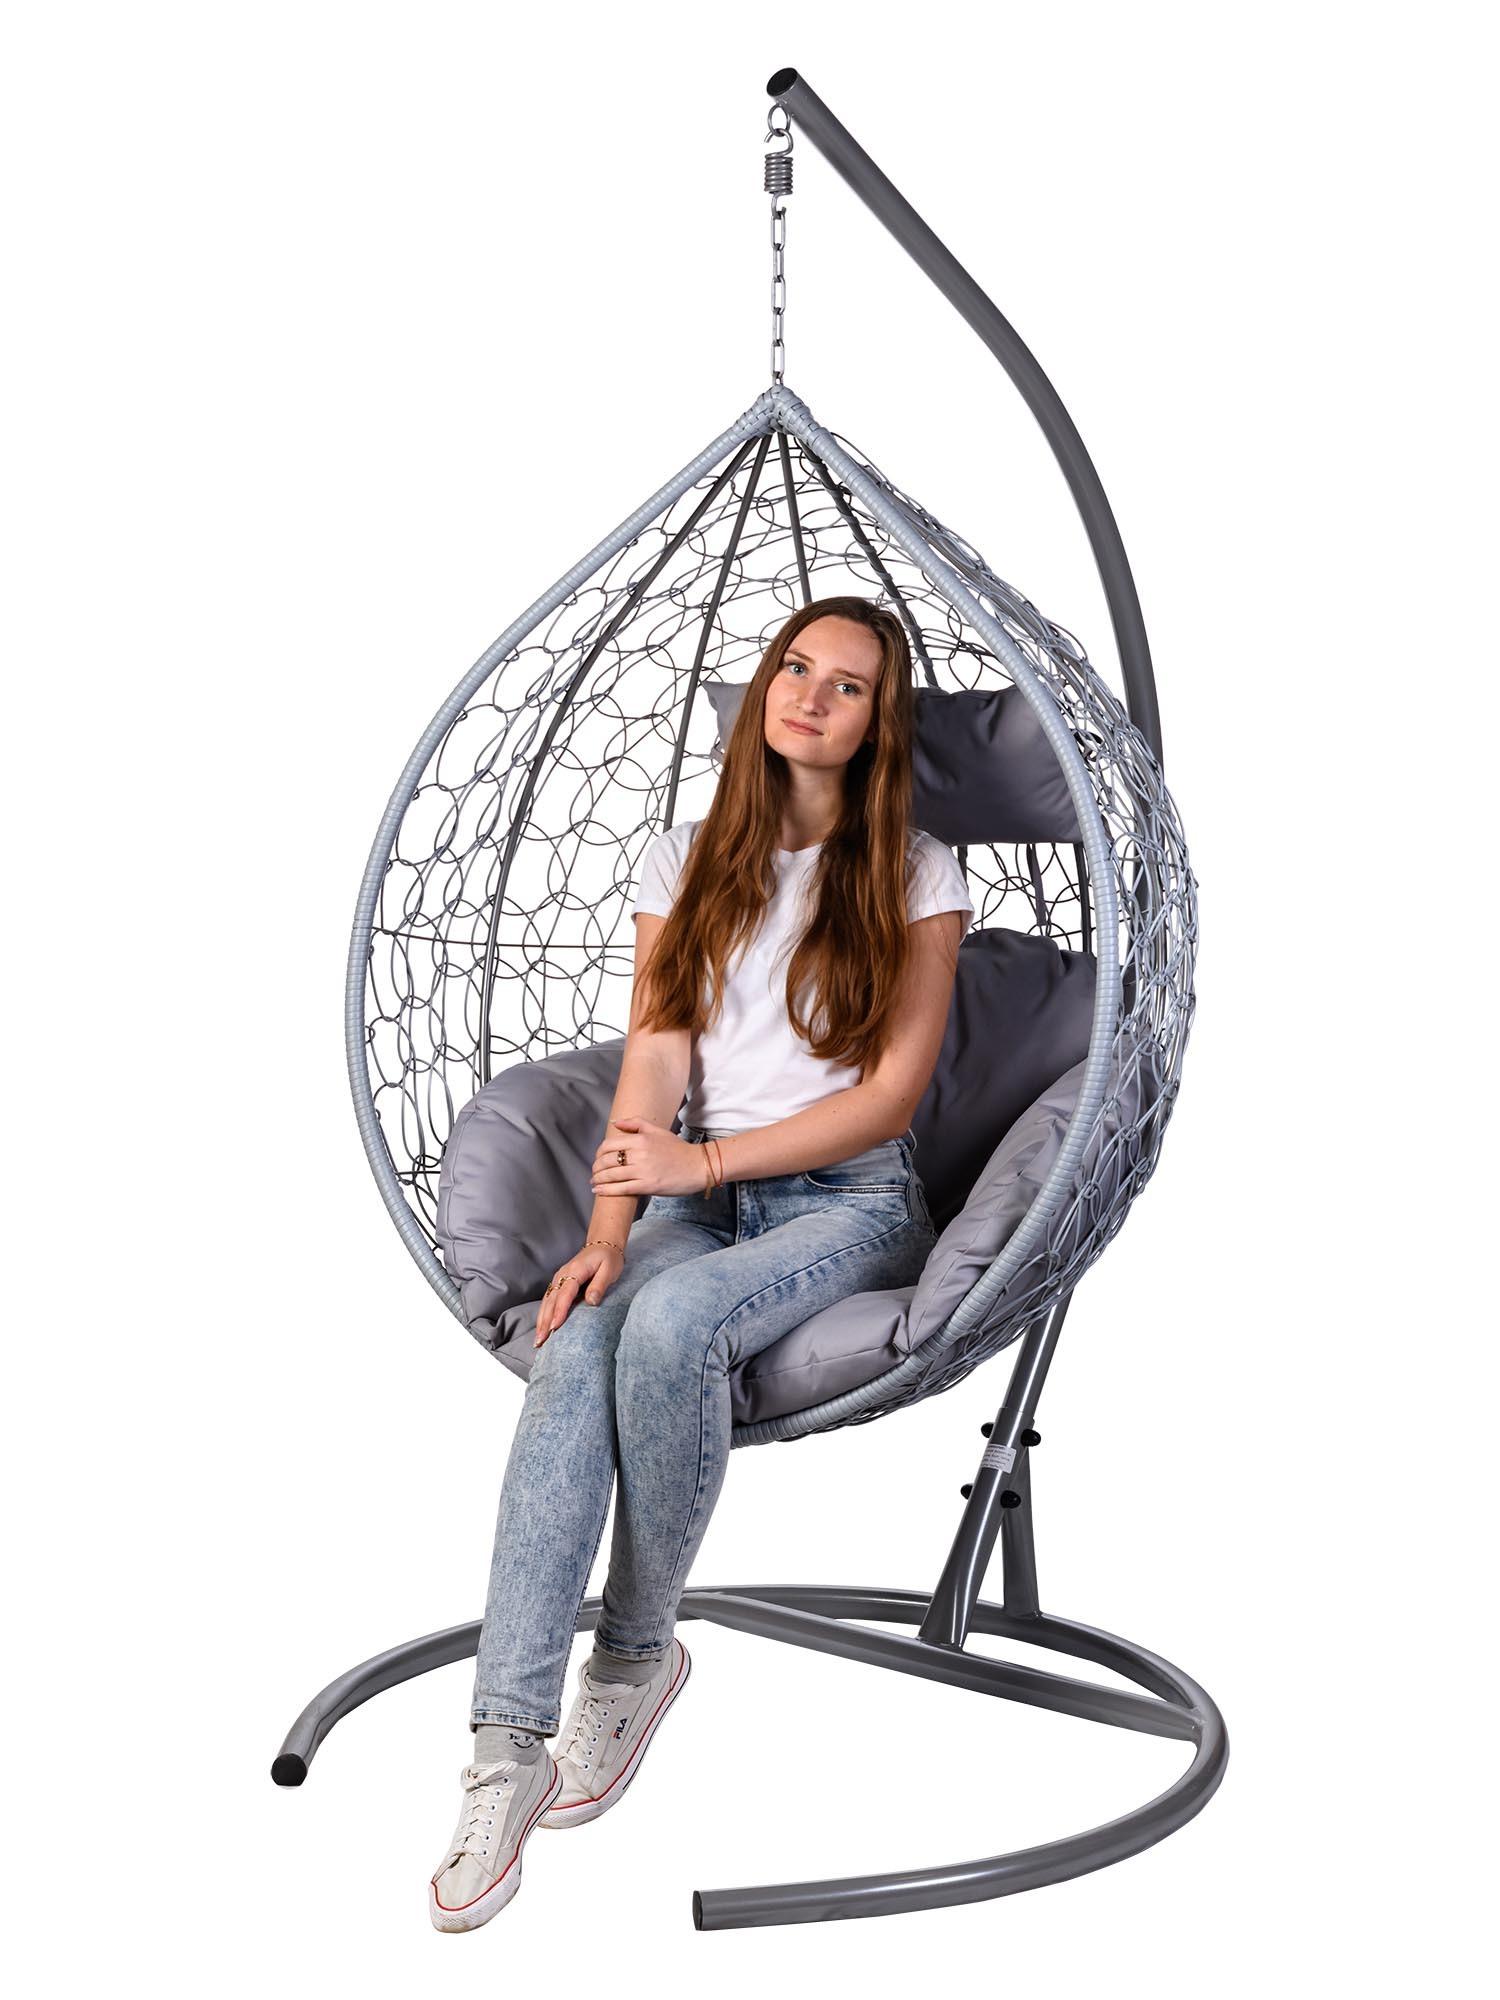 Подвесные кресла Подвесное кресло TROPICA GRAY TropicaGray.jpg